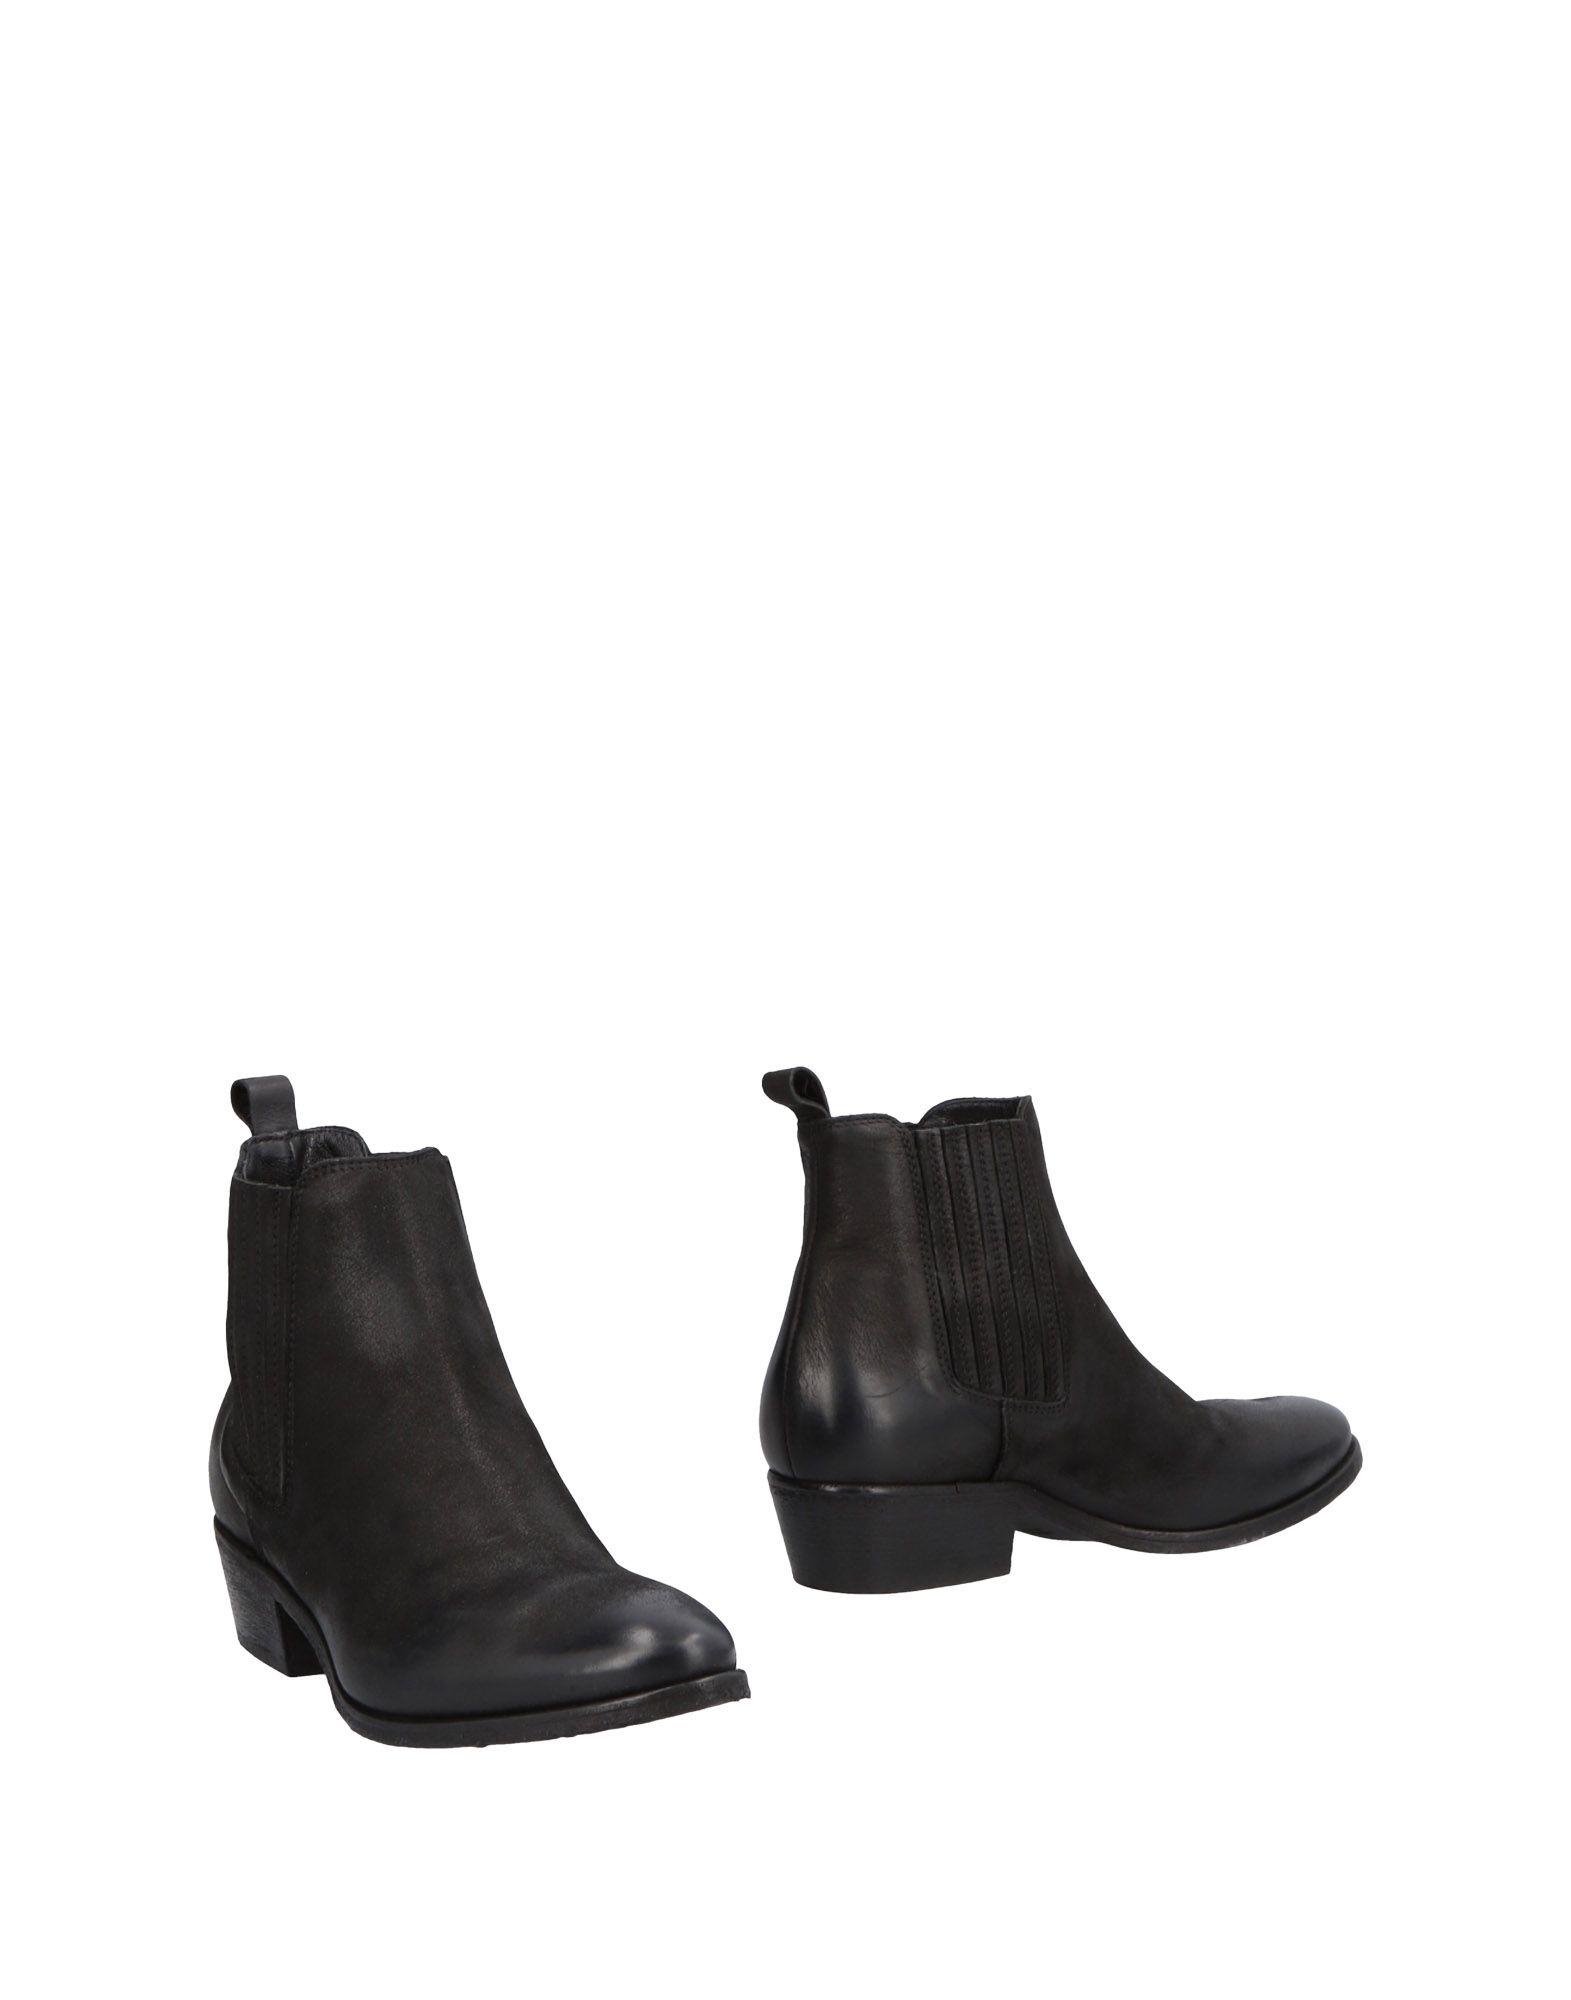 Stilvolle Stilvolle Stilvolle billige Schuhe Bruschi Stiefelette Damen  11487992JT 17defd